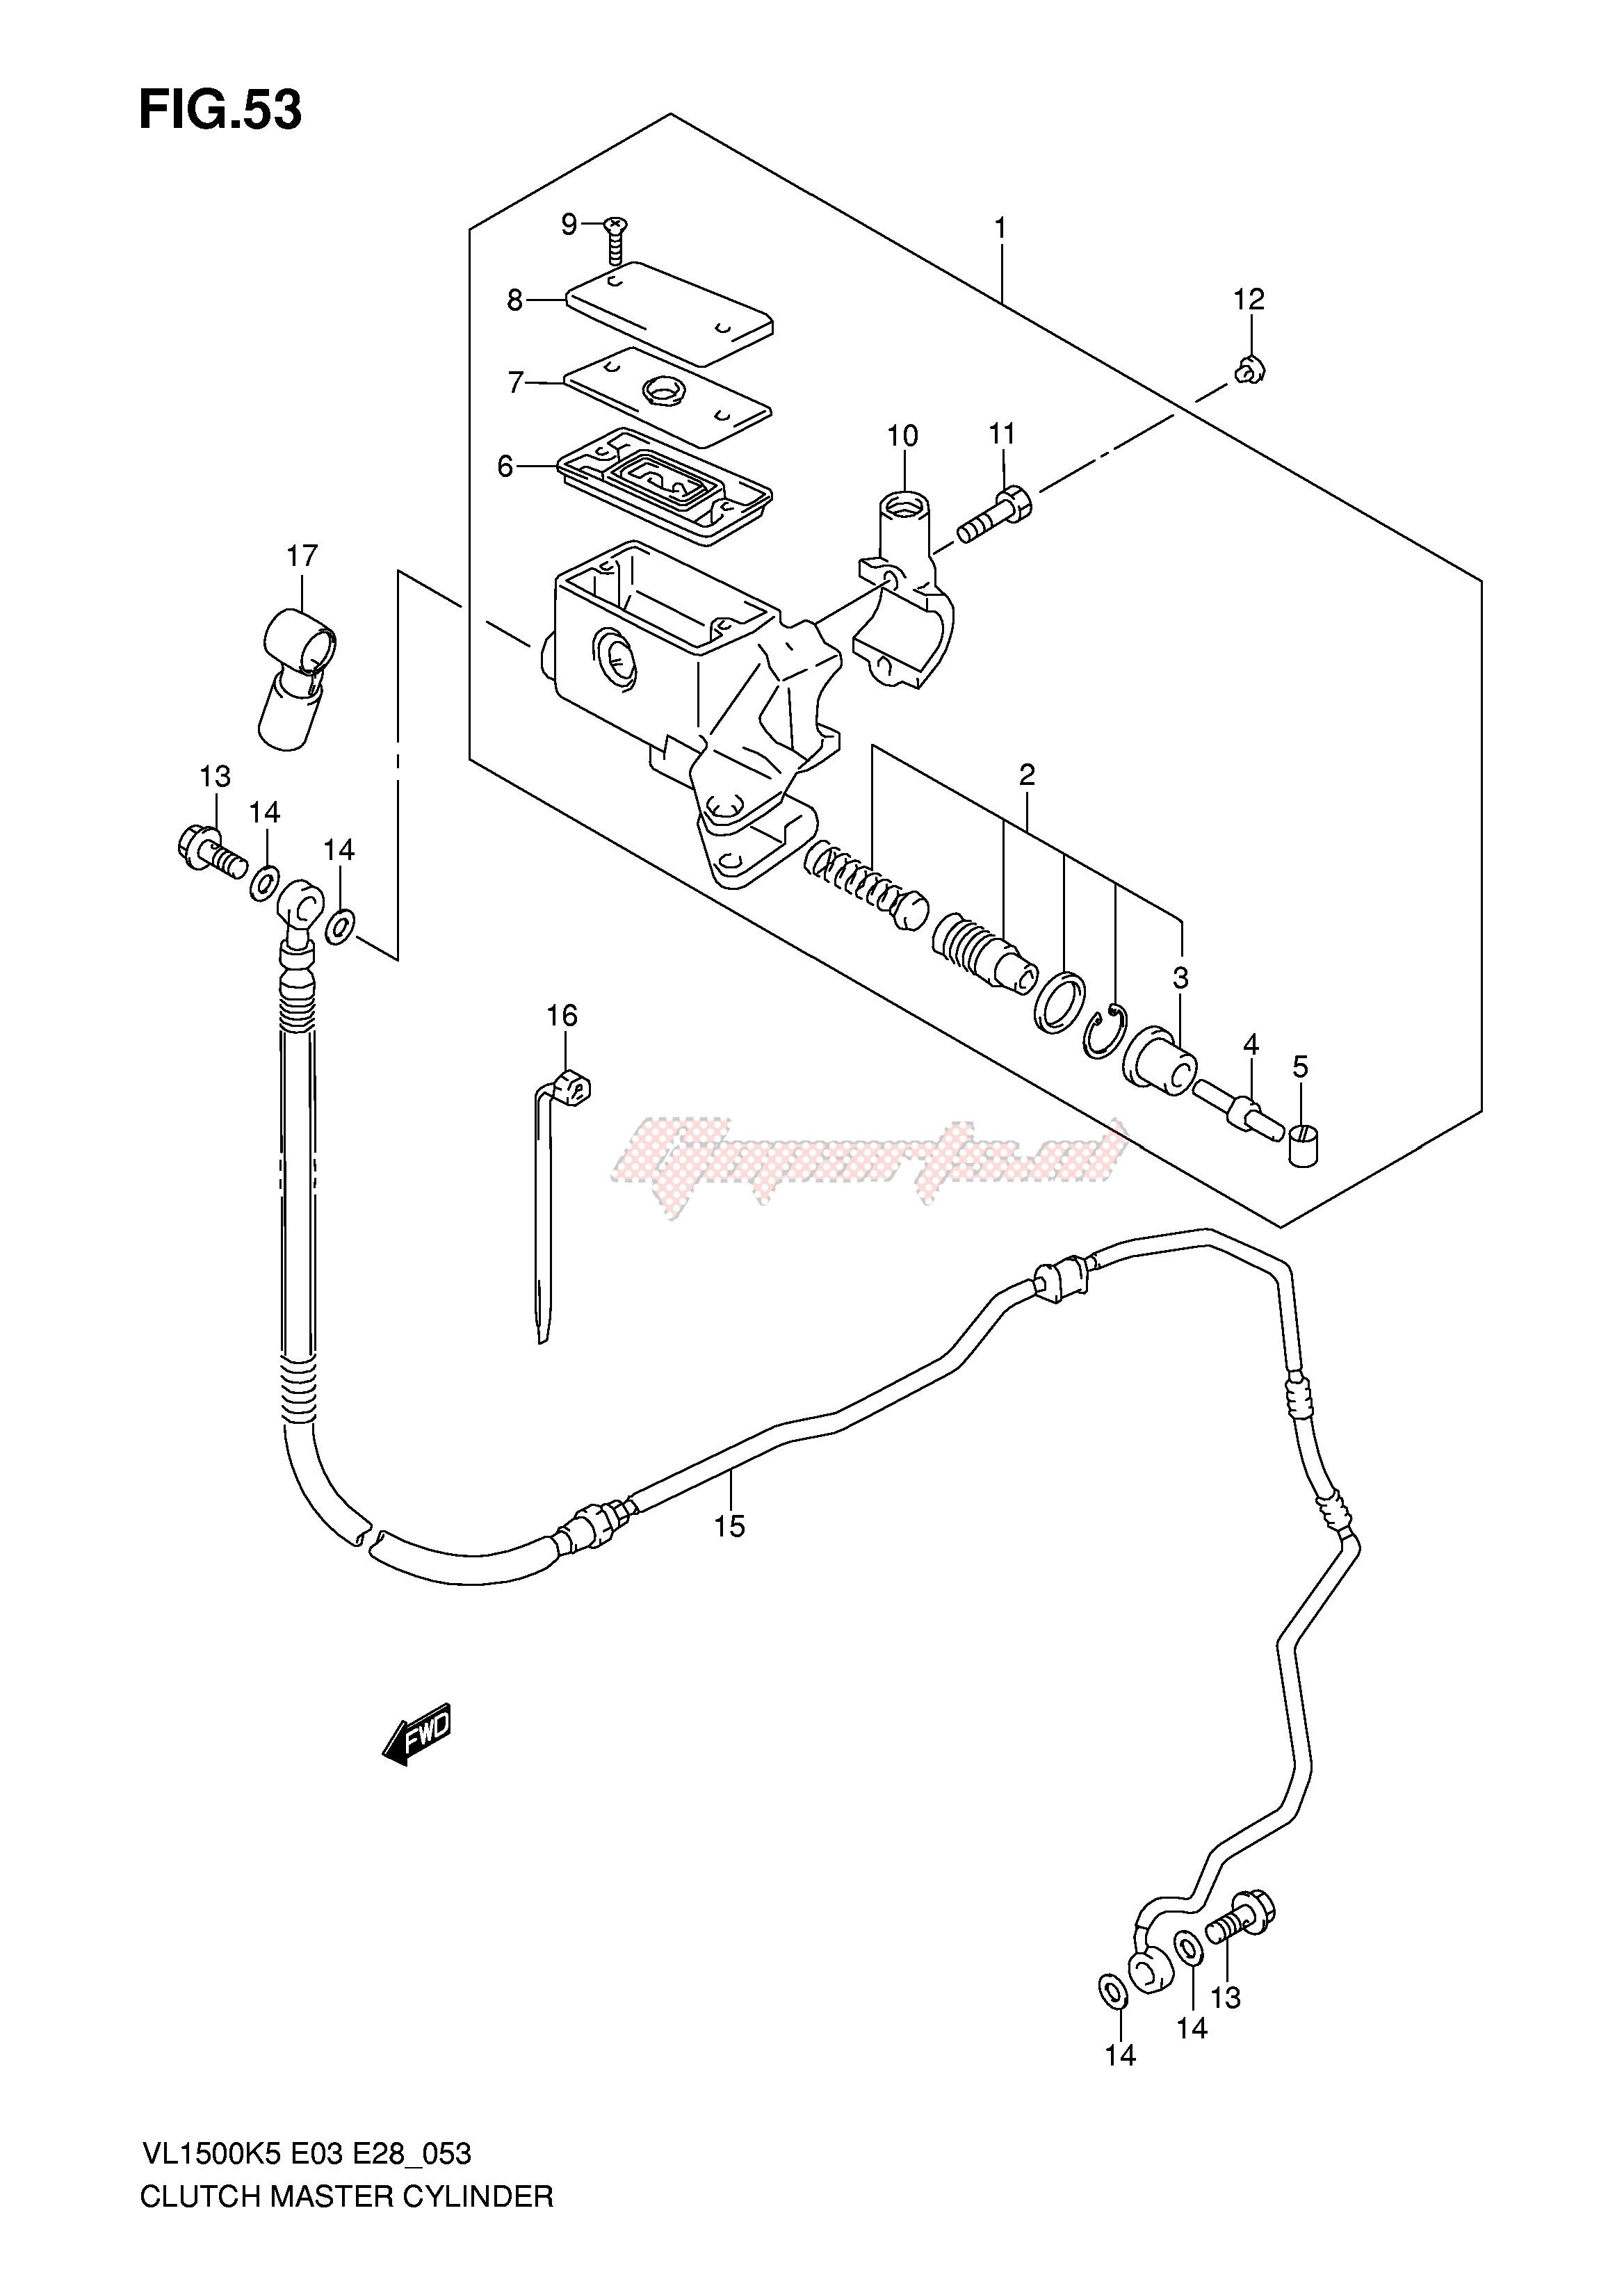 Suzuki Master Cylinder Reservoir Diaphragm GSXR1300 VS1400 VL1500 VLR1800